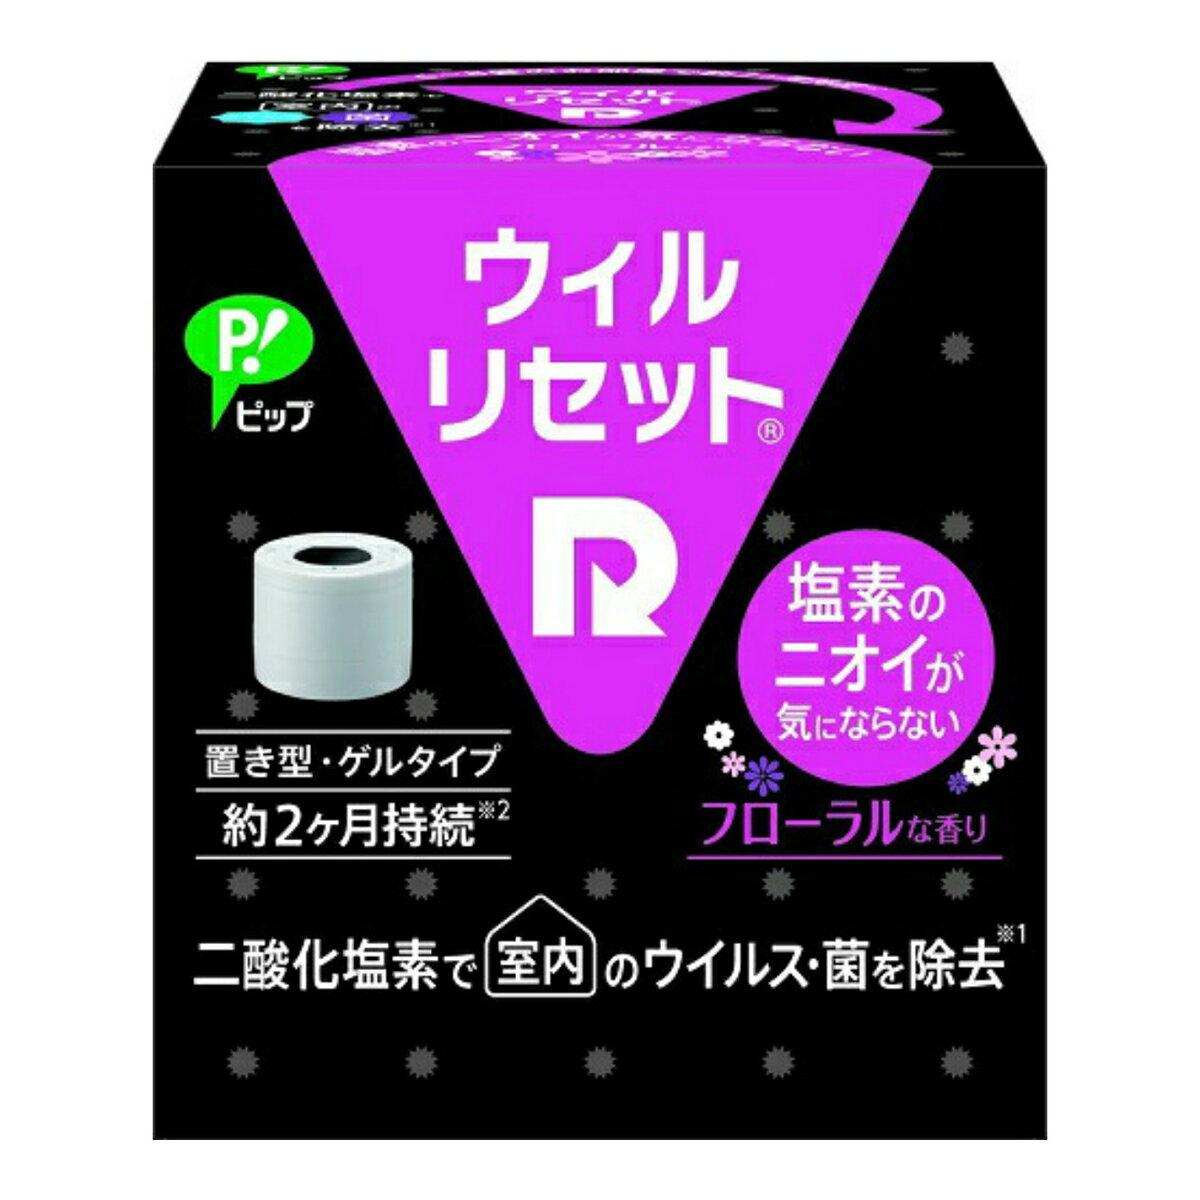 ピップ ウィルリセット フローラルな香り 置き型 (4902522672368)